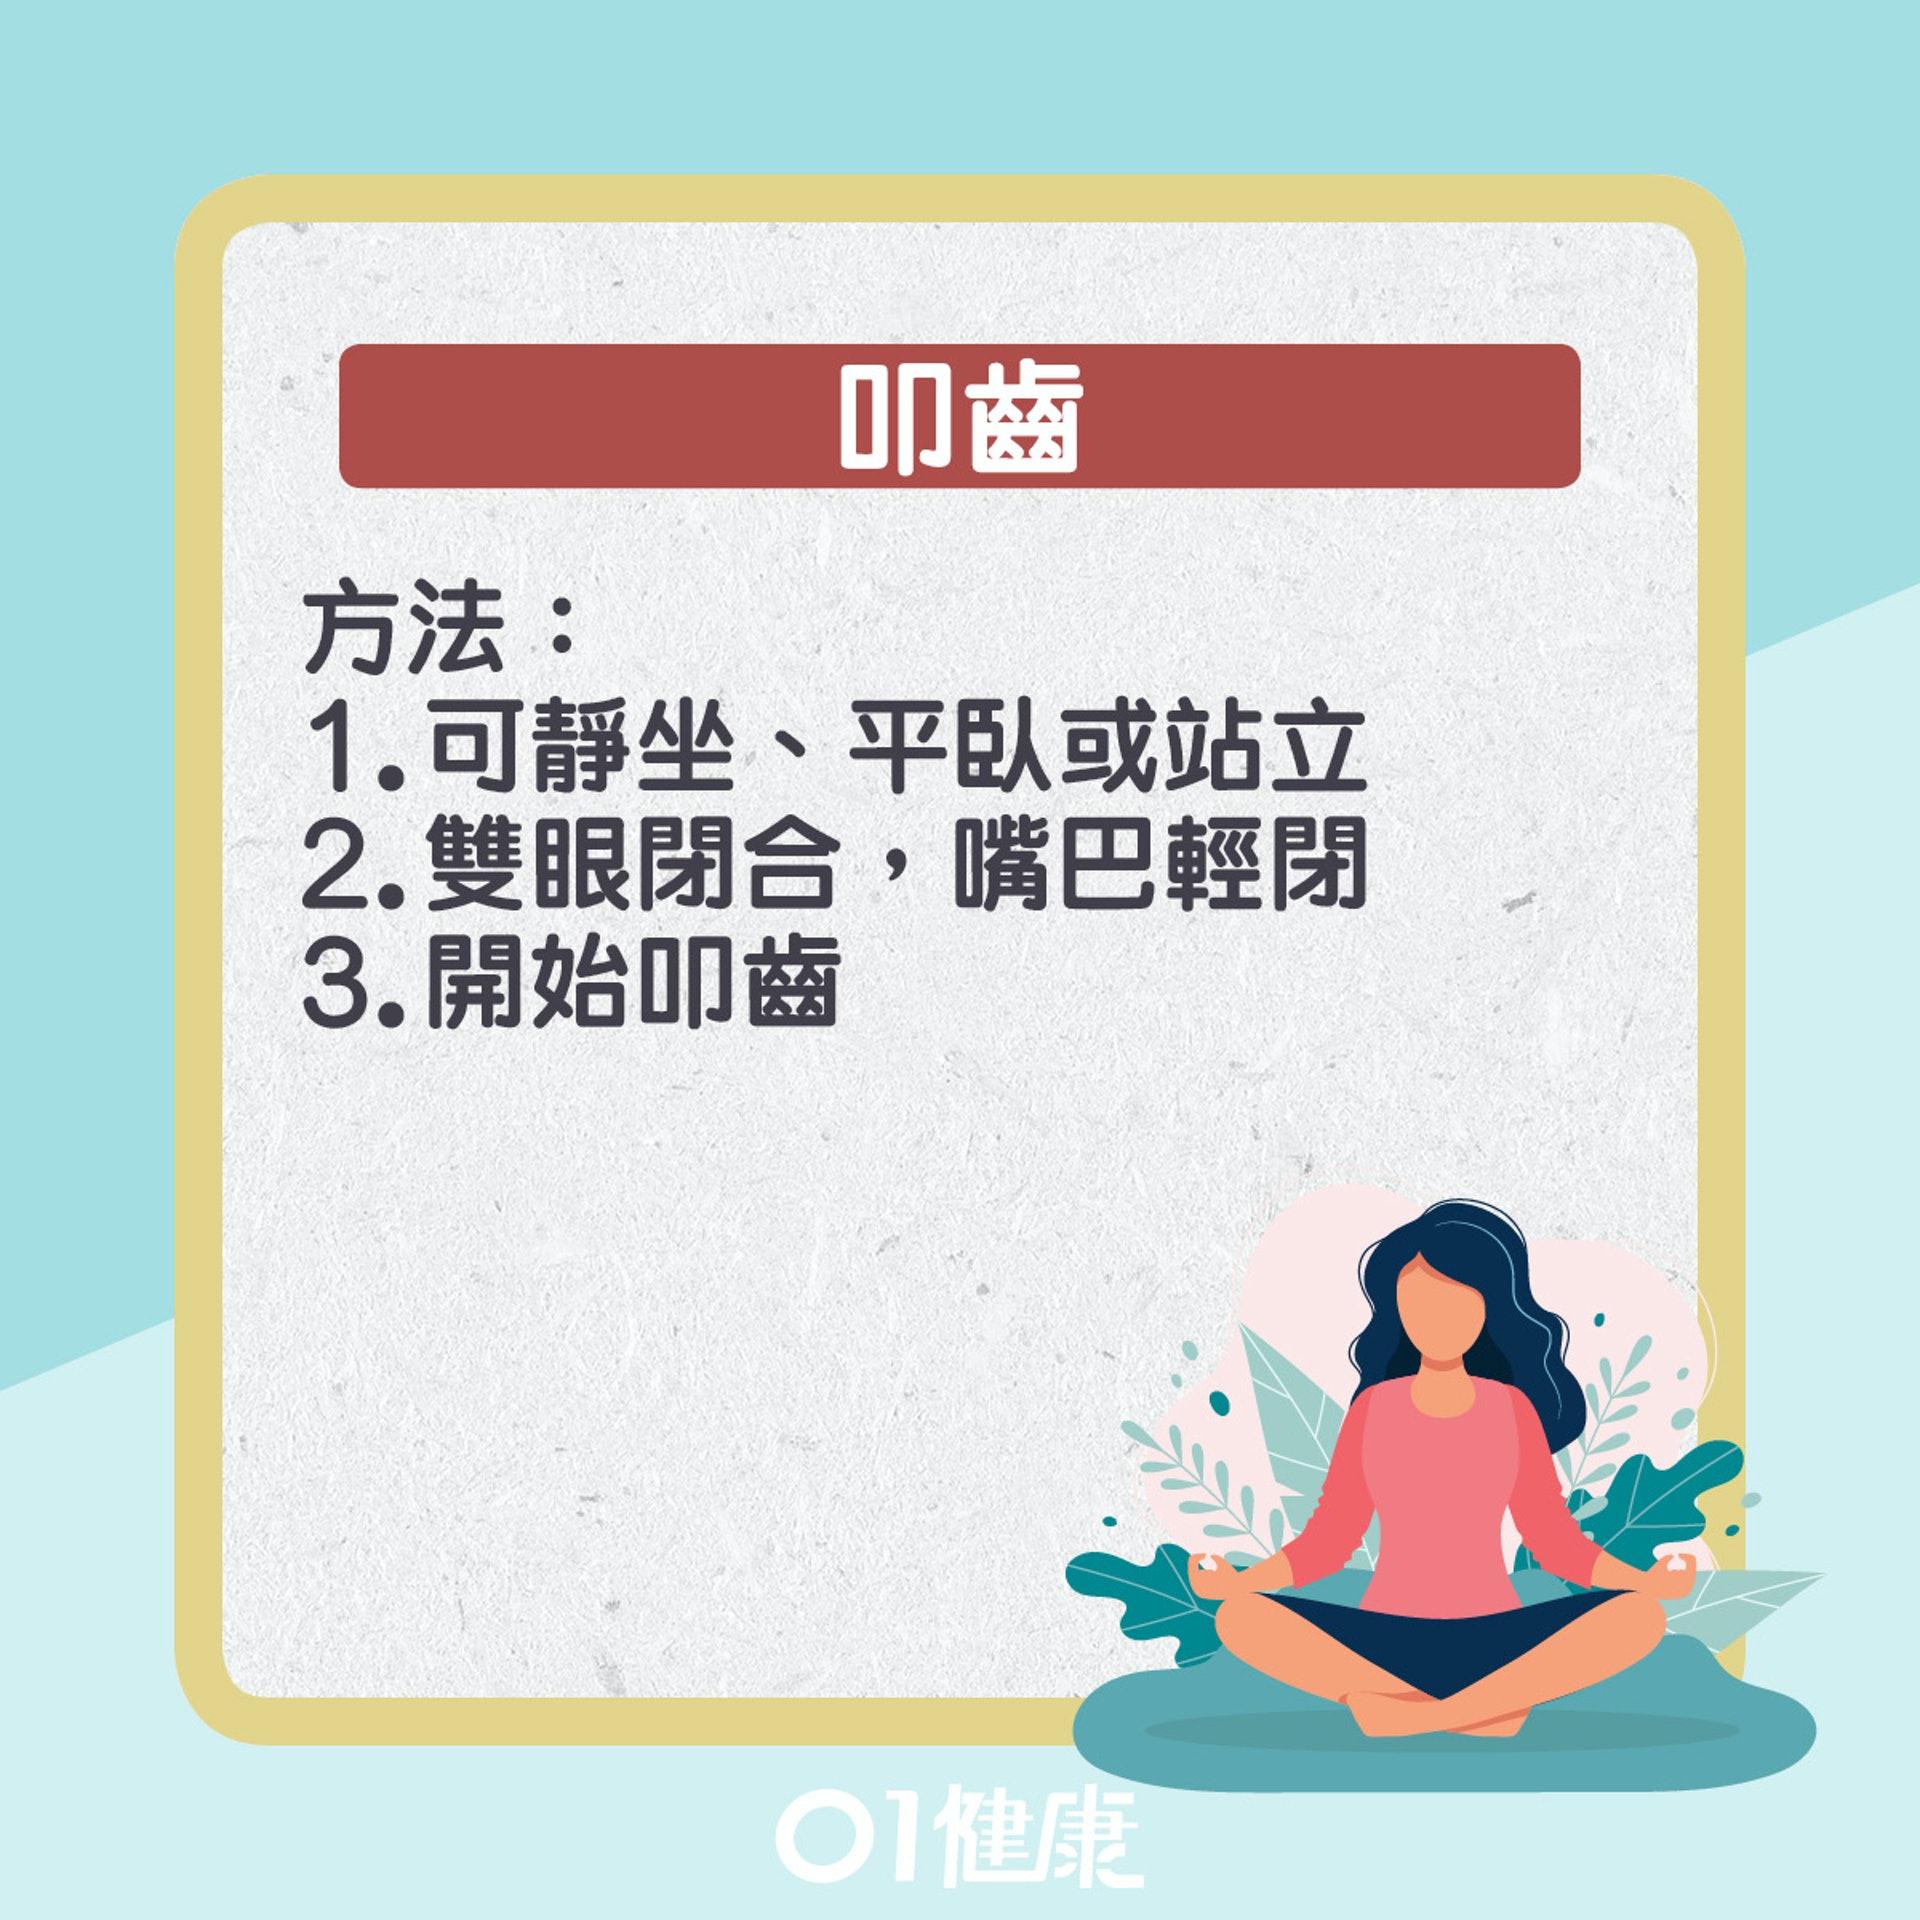 叩齒咽津補腎法。(01製圖)